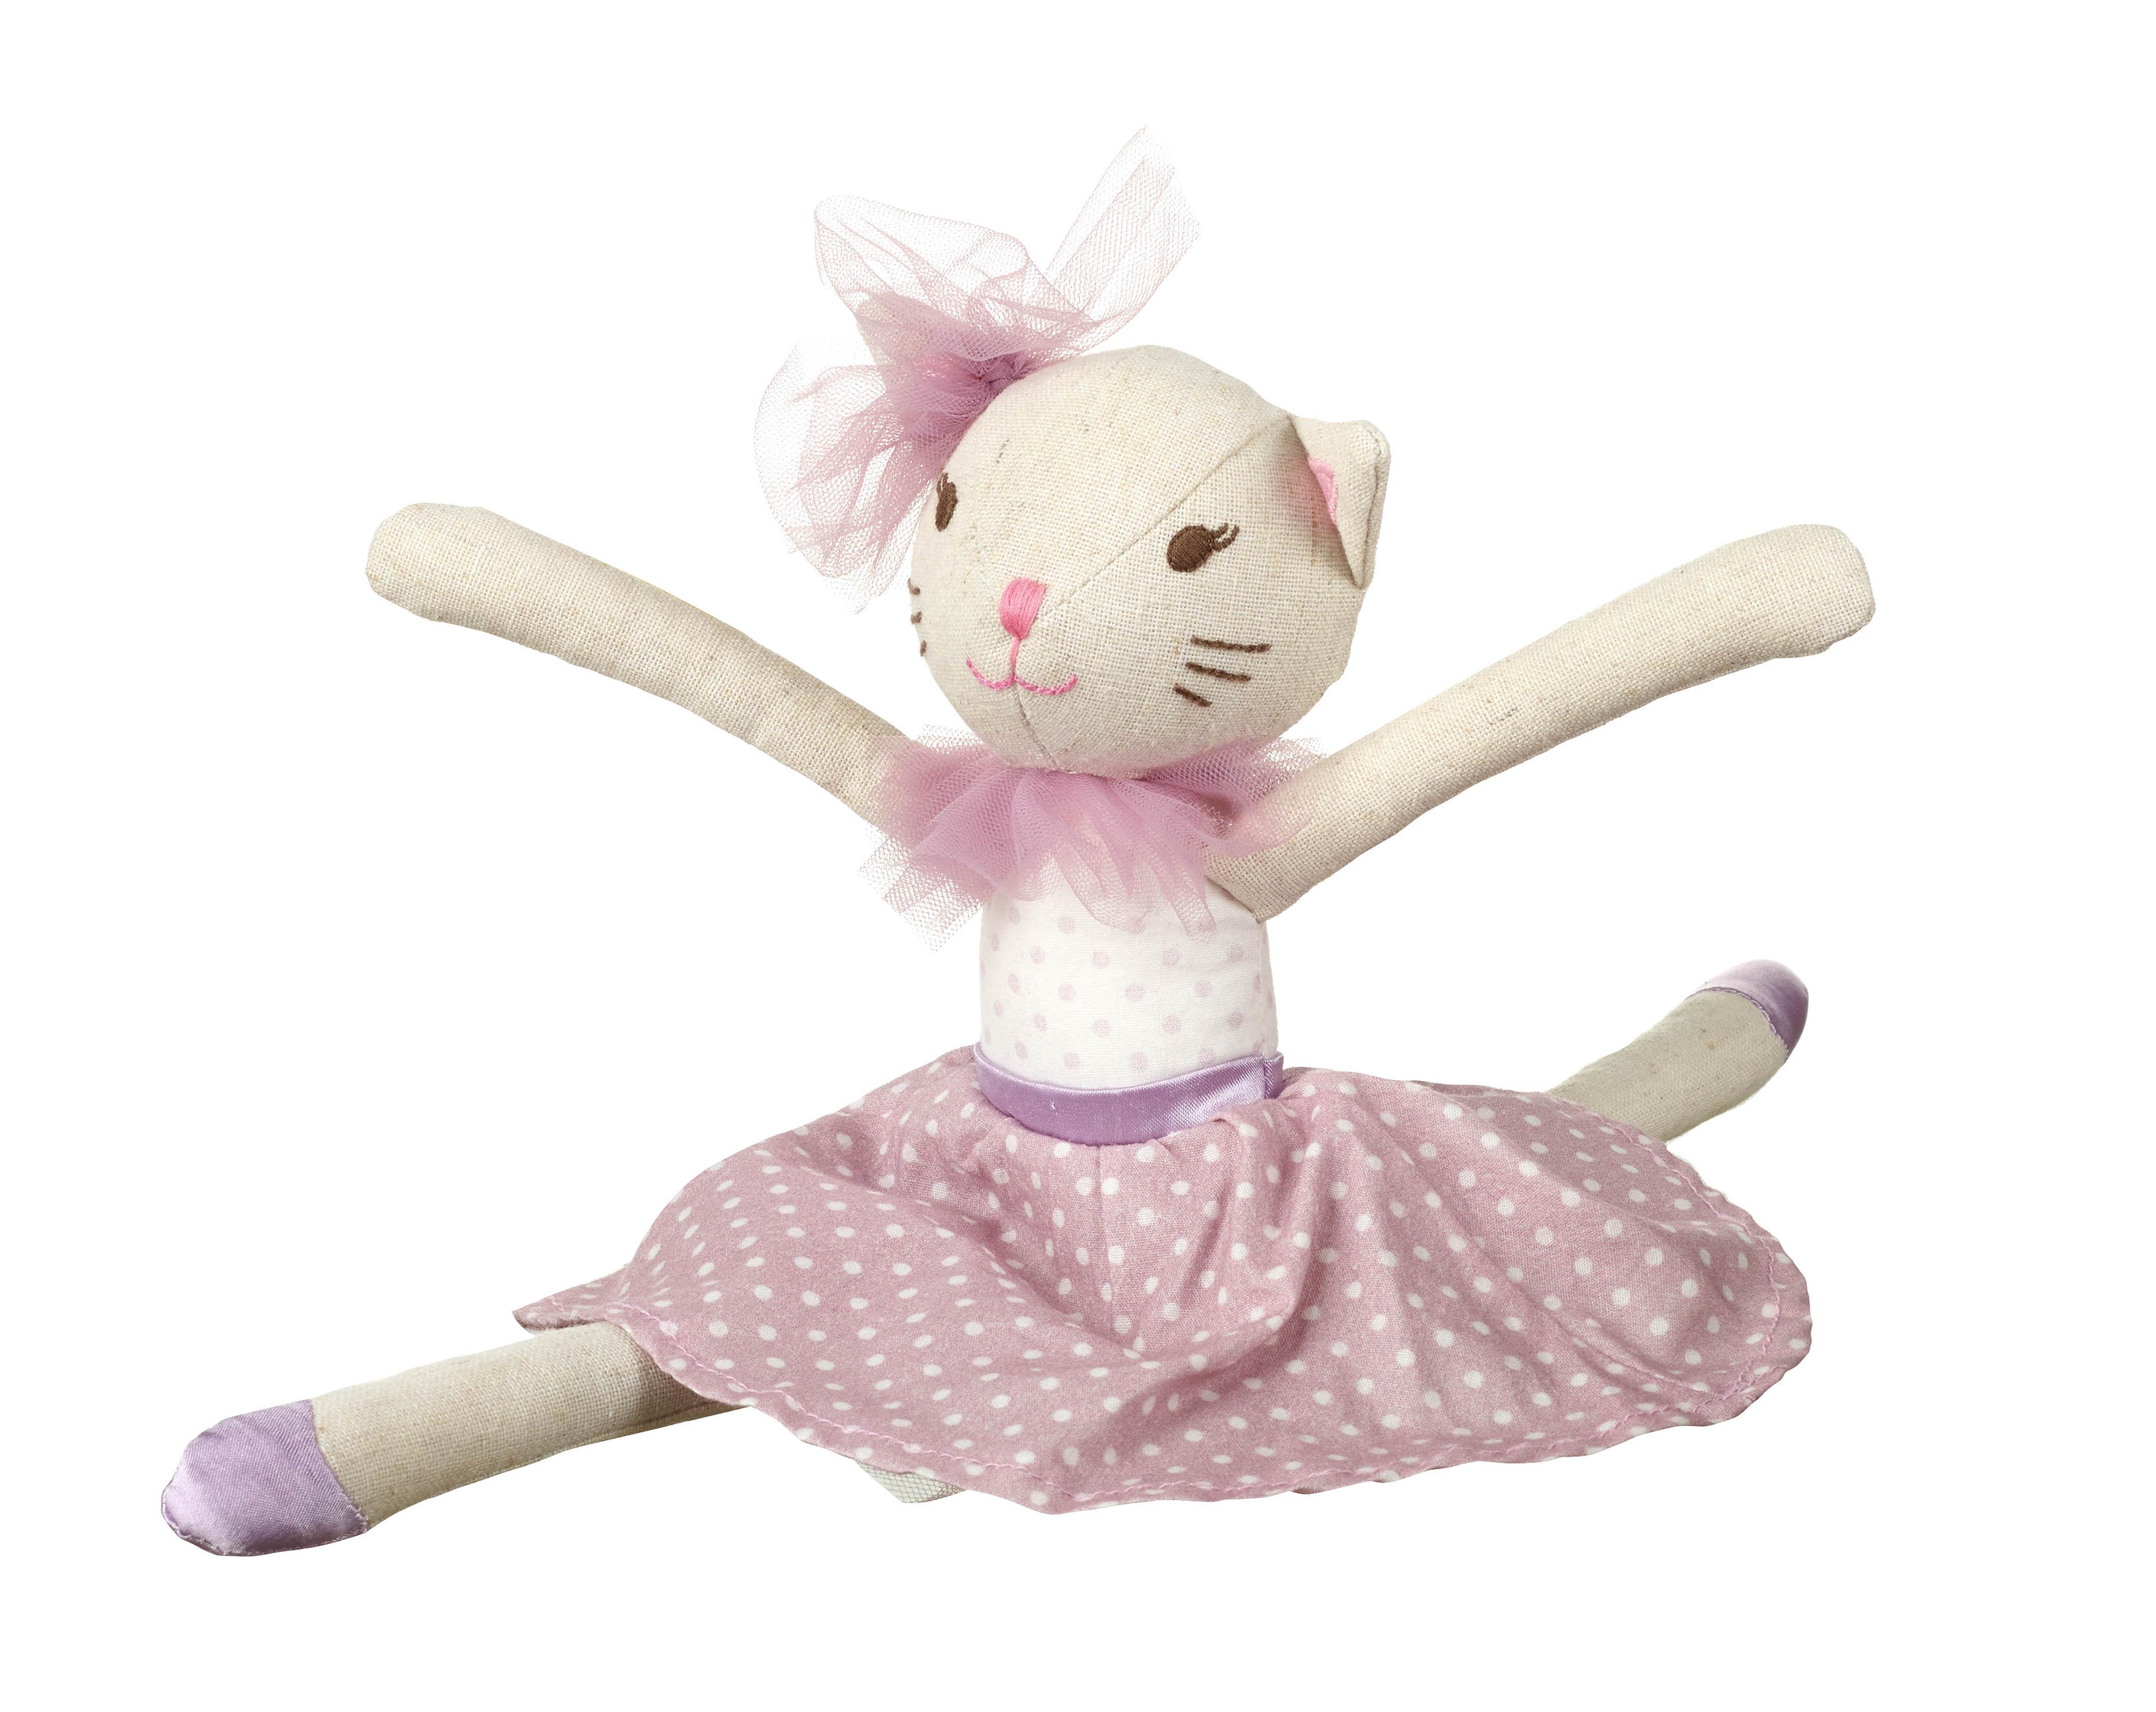 Детска мека кукла - коте 32 см от Orange Tree Toys -детска играчки за момичета - Bellamie